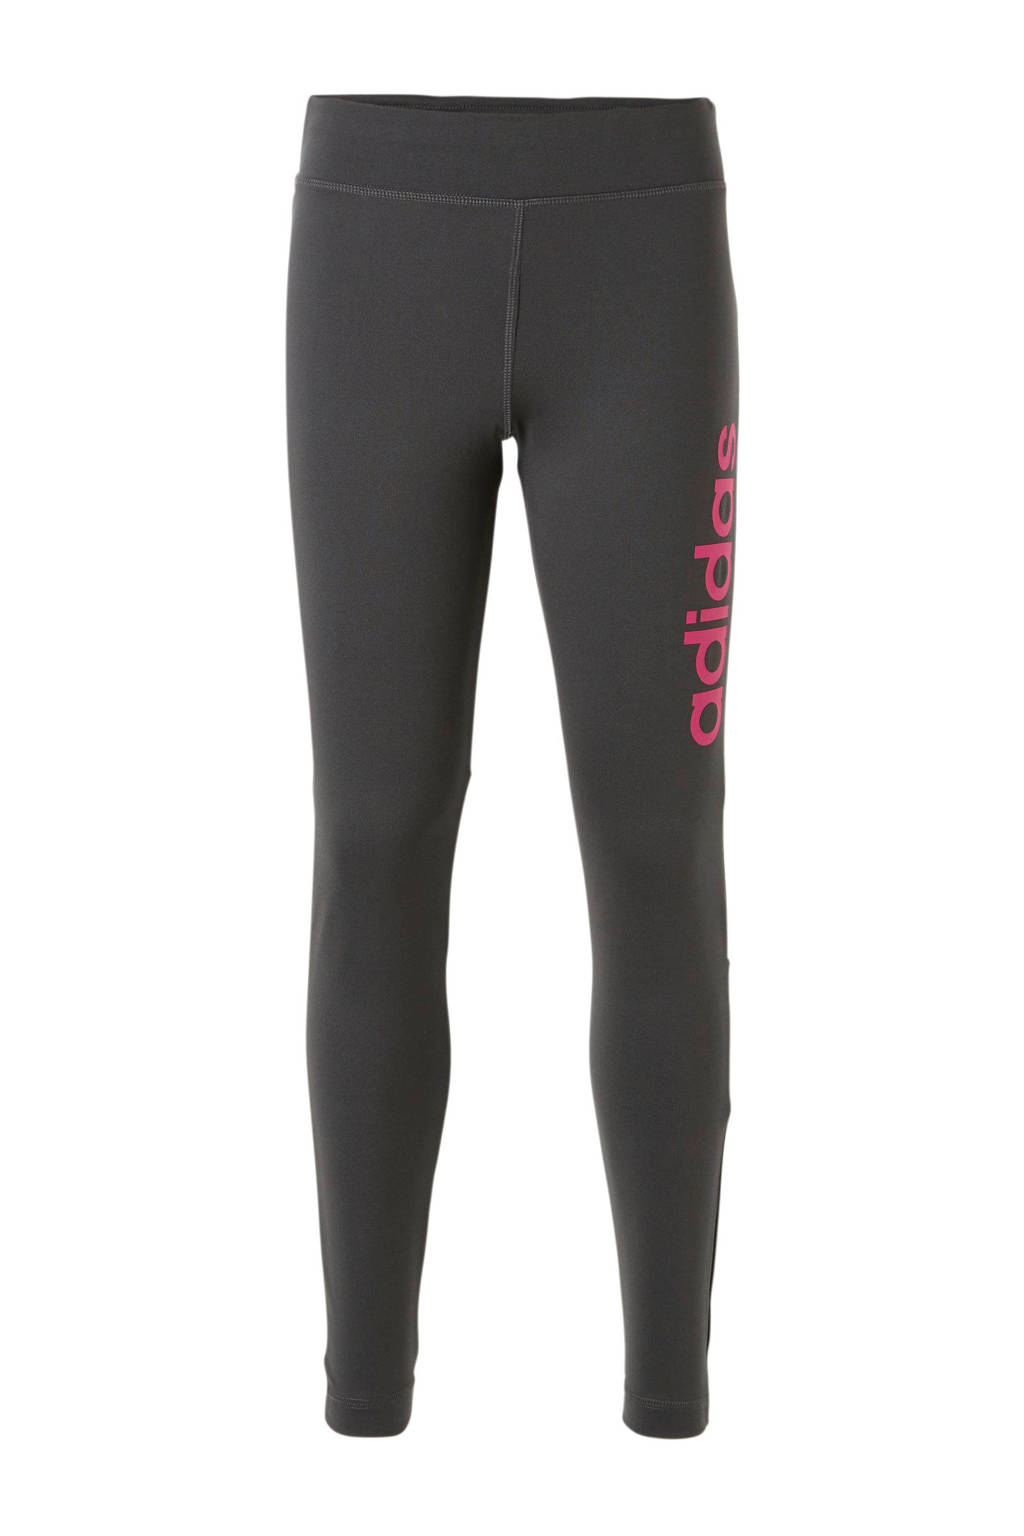 adidas performance sportbroek grijs, Antraciet/roze